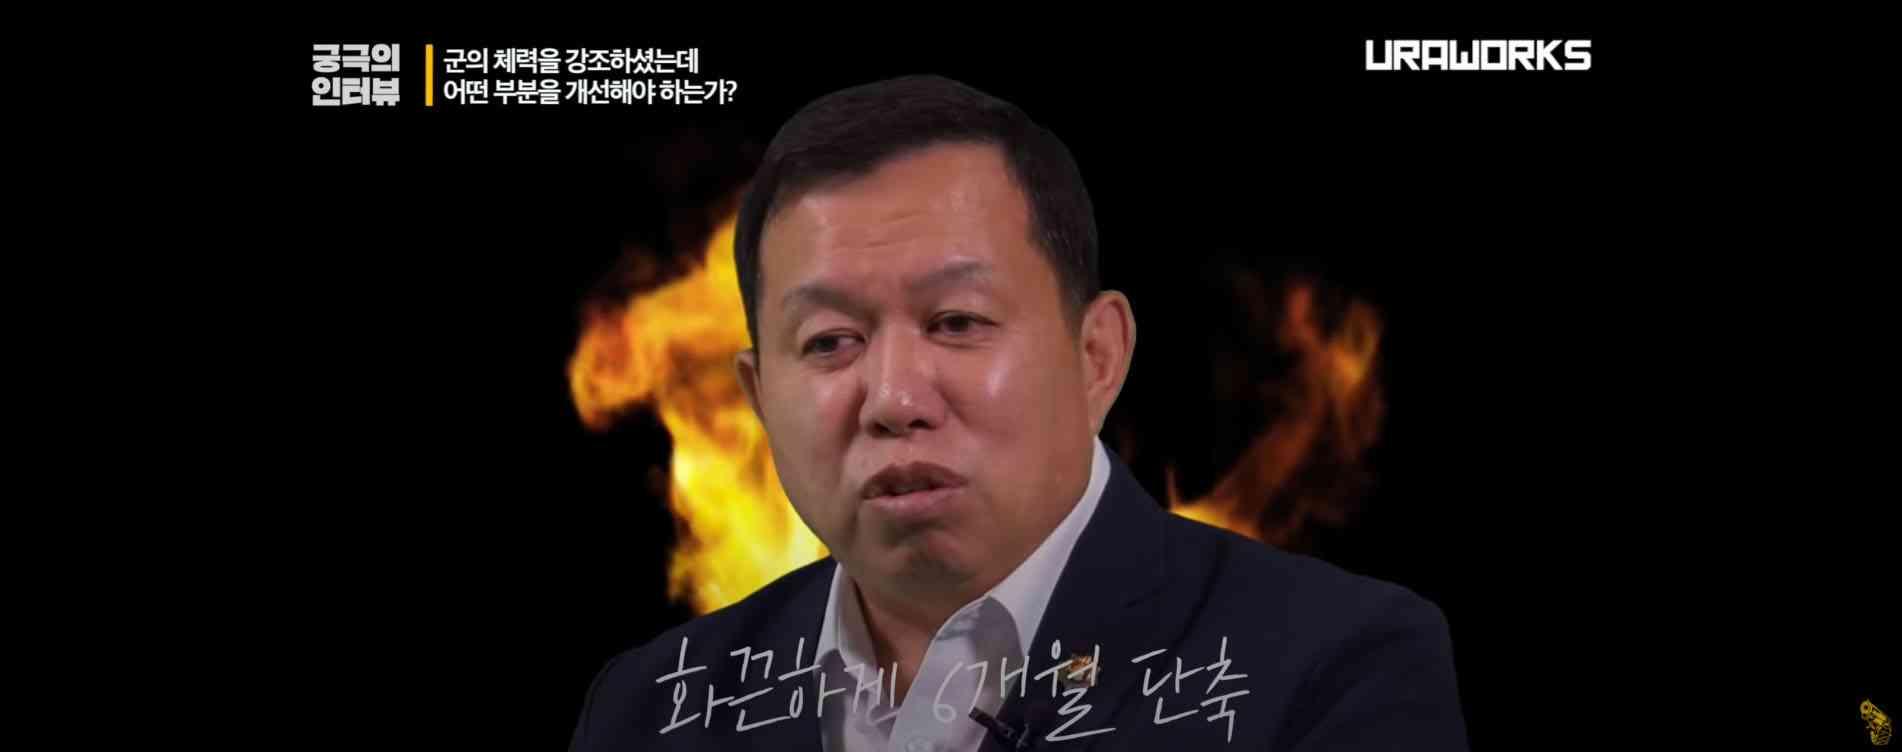 모병제 여군 부대장 추천 - 꾸르